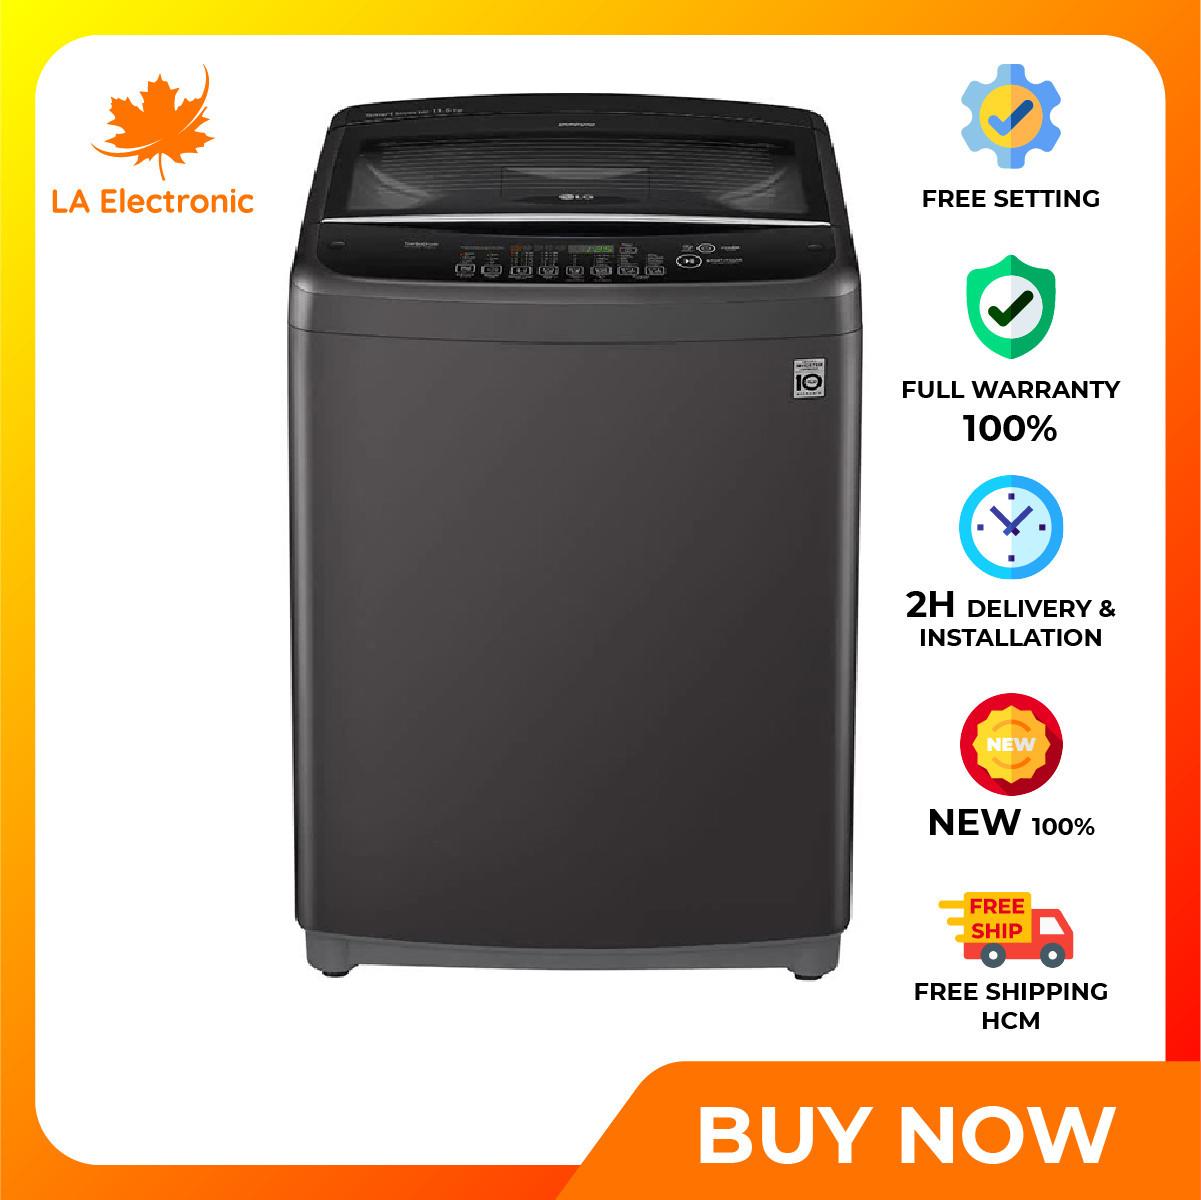 [GIAO HÀNG 2 - 15 NGÀY, TRỄ NHẤT 15.08] Trả Góp 0% - Máy giặt LG Inverter 11.5 kg T2351VSAB - Miễn phí vận chuyển HCM